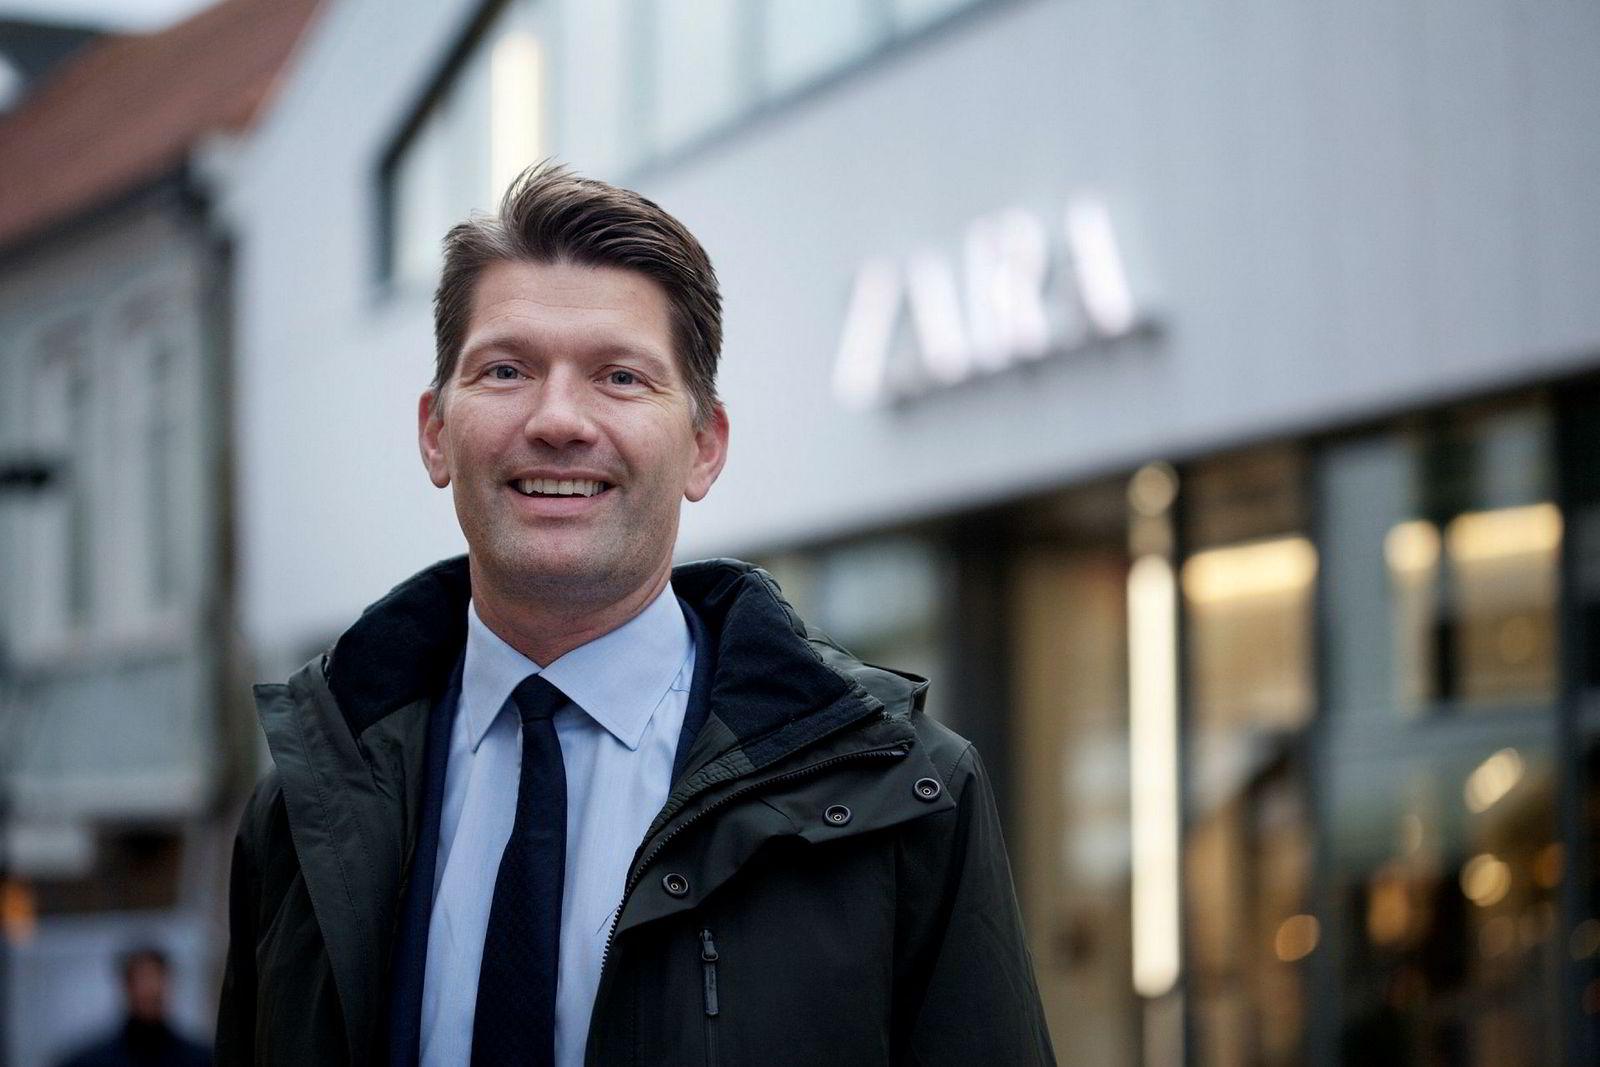 – Jeg føler at det blir lengre og lengre mellom de grelle eksemplene, sier Sveinung Byberg om finansbransjen. Han er daglig leder i Bjørn Maaseides Kraft Finans.